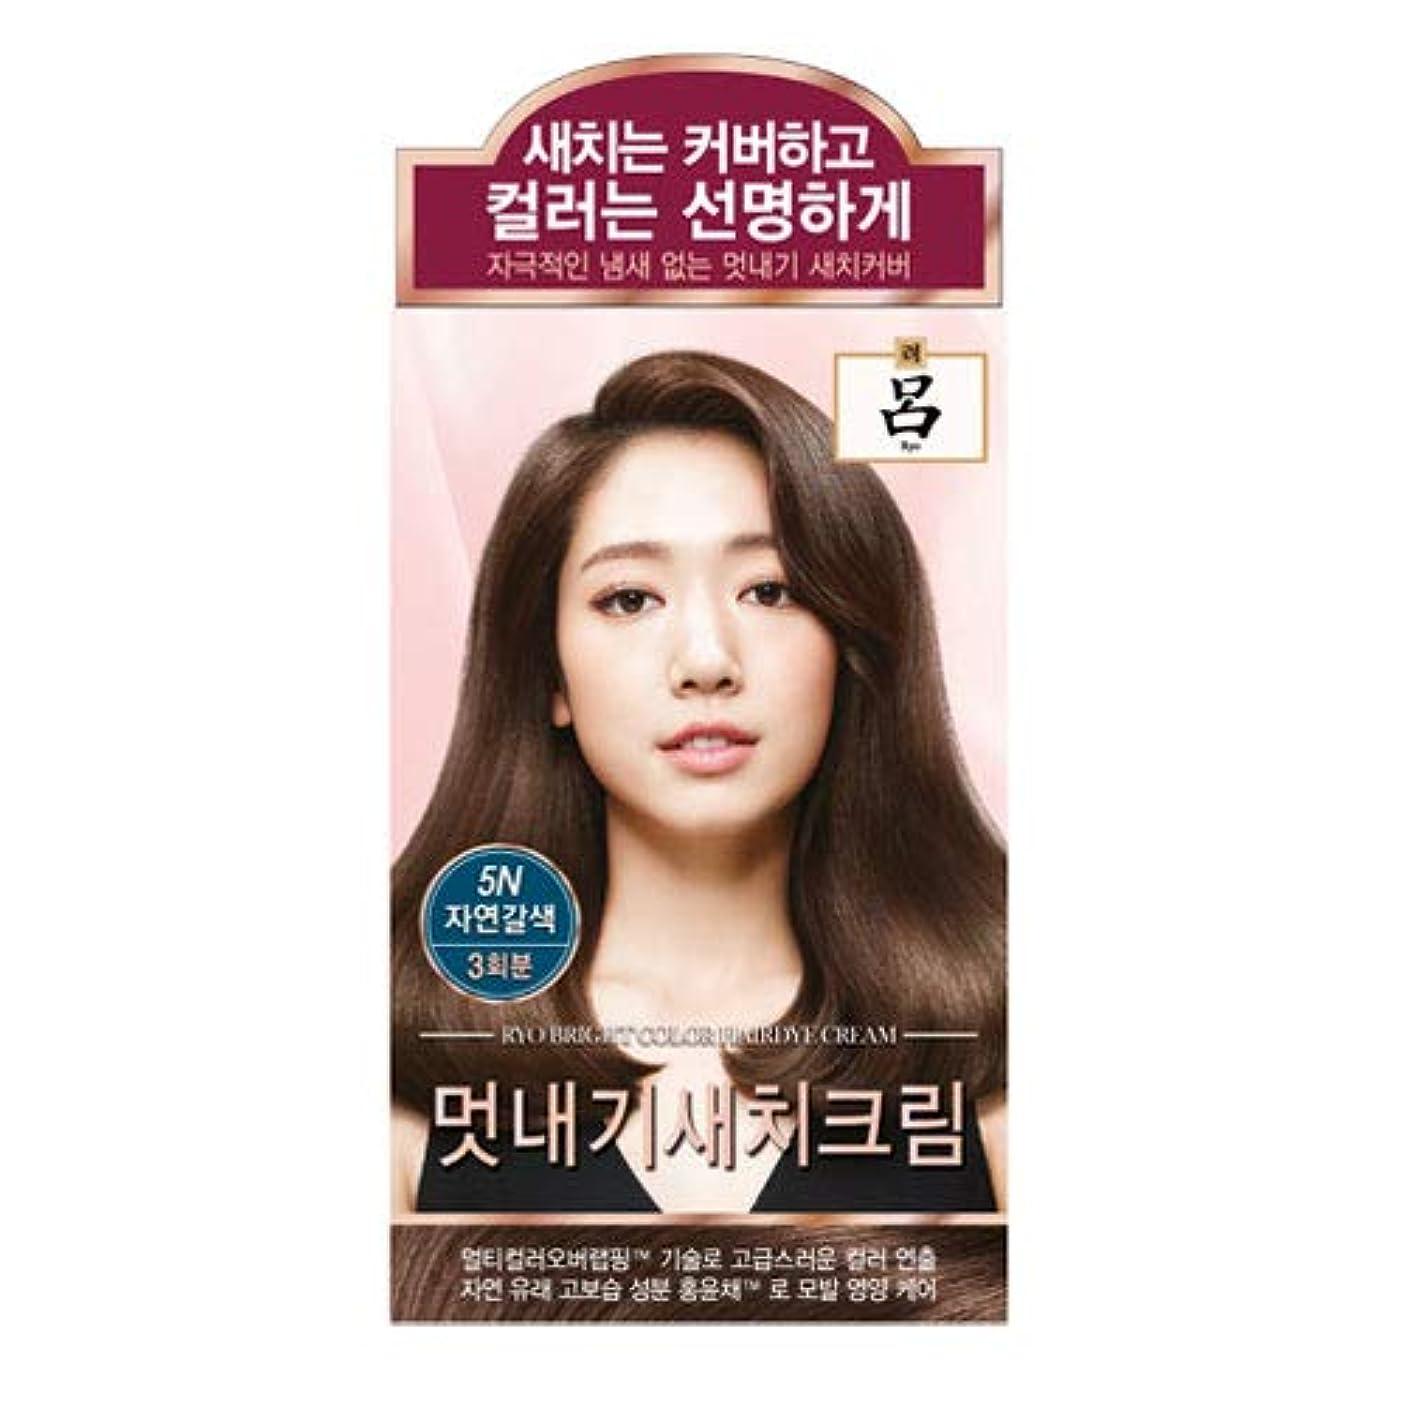 アモーレパシフィック呂[AMOREPACIFIC/Ryo] ブライトカラーヘアアイクリーム 5N ナチュラルブラウン/Bright Color Hairdye Cream 5N Natural Brown